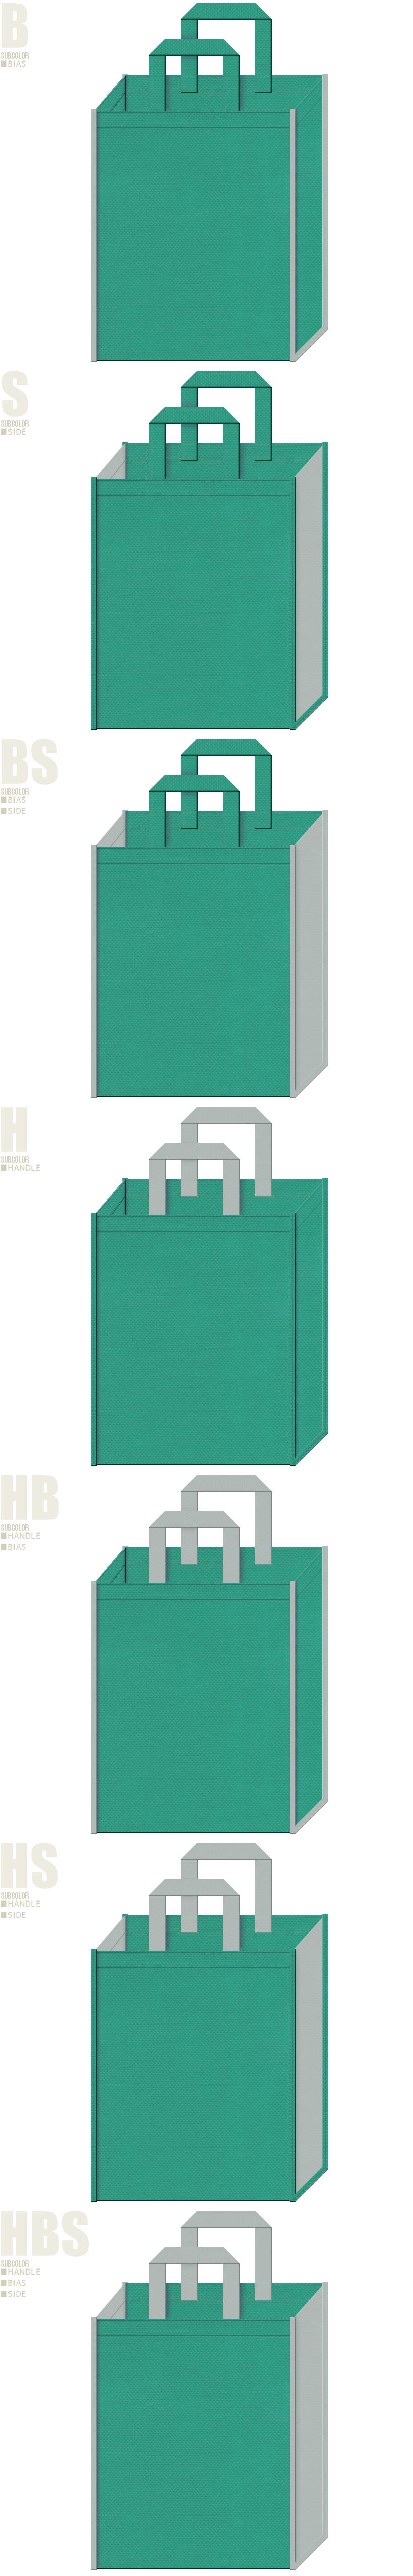 青緑色とグレー色、7パターンの不織布トートバッグ配色デザイン例。